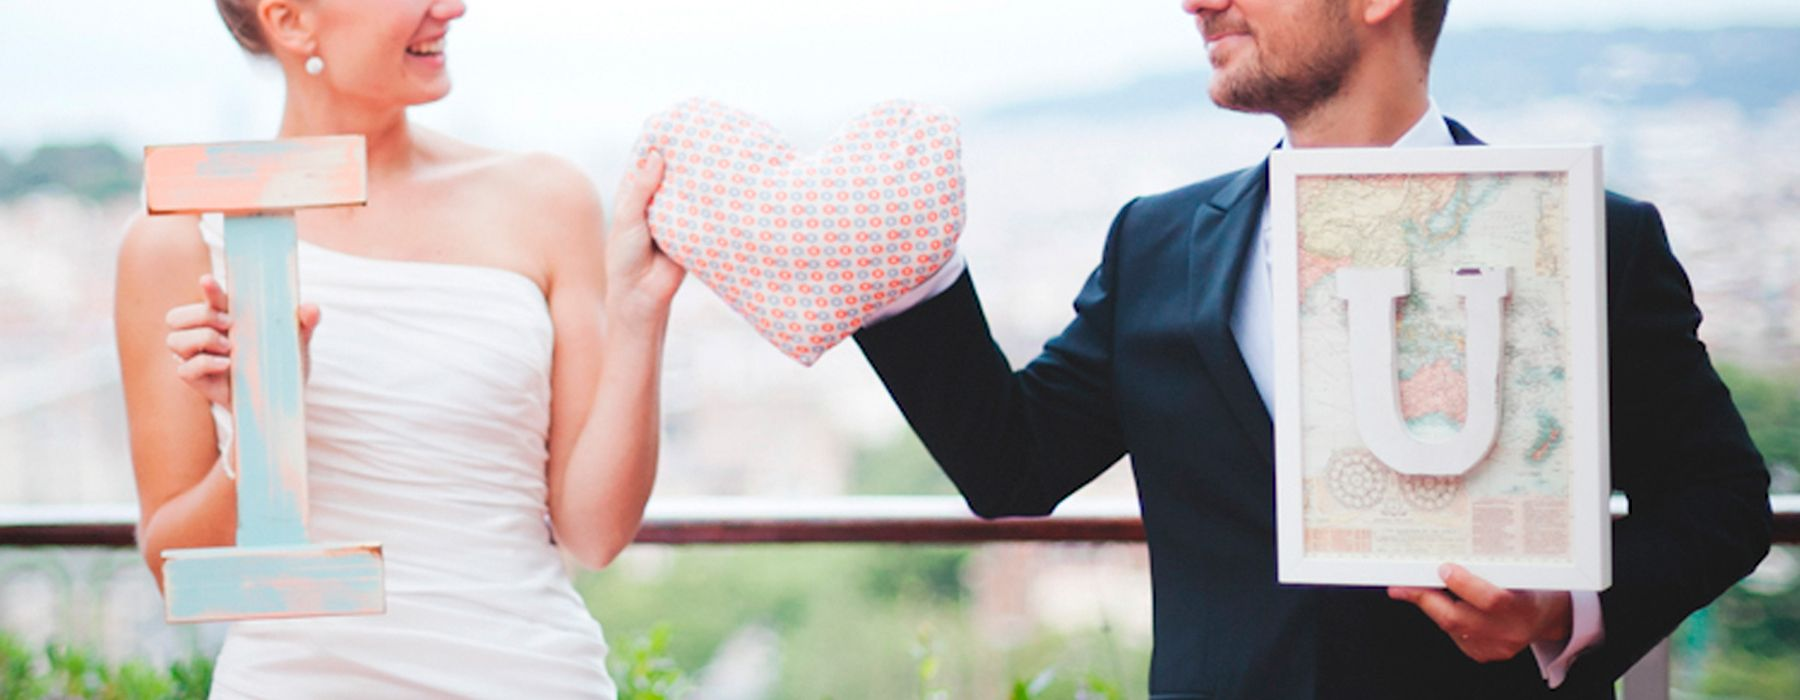 detalles para invitados boda